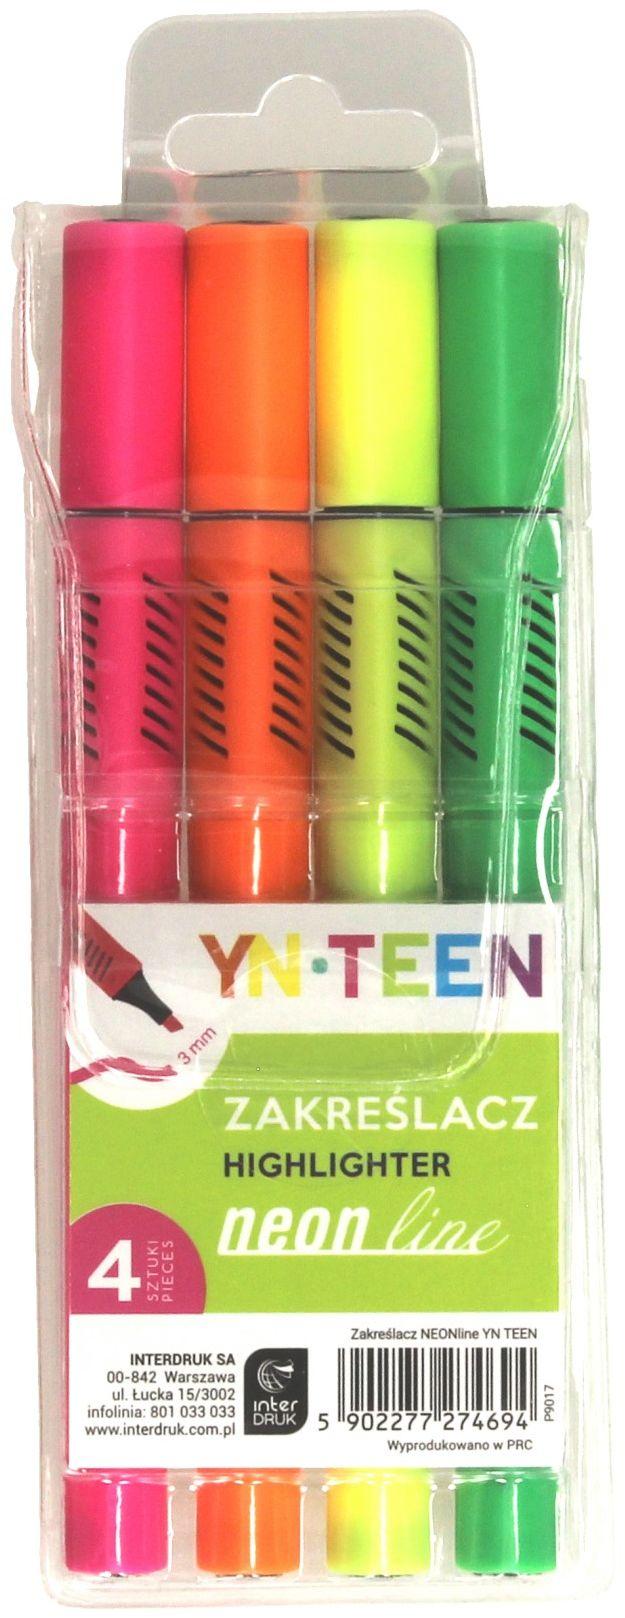 Zakreślacze 4kol neon YN Teen